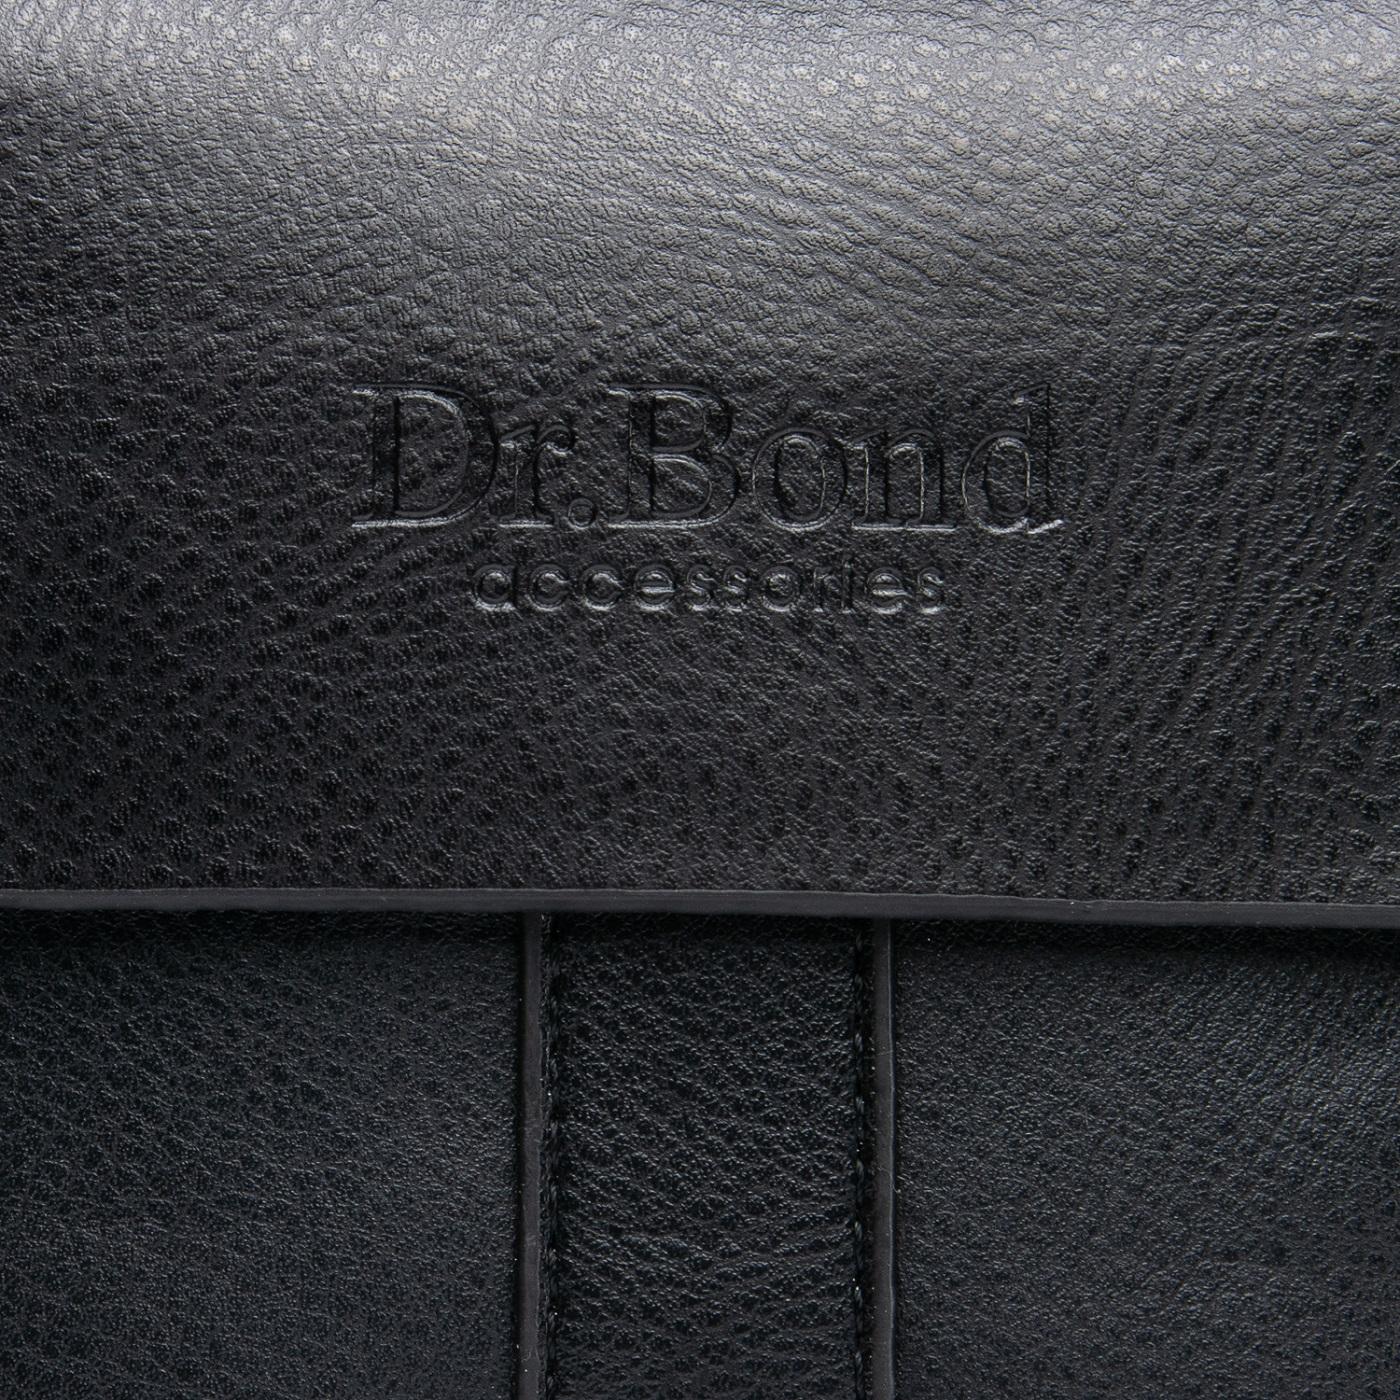 Сумка Мужская Планшет иск-кожа DR. BOND GL 202-0 black - фото 5